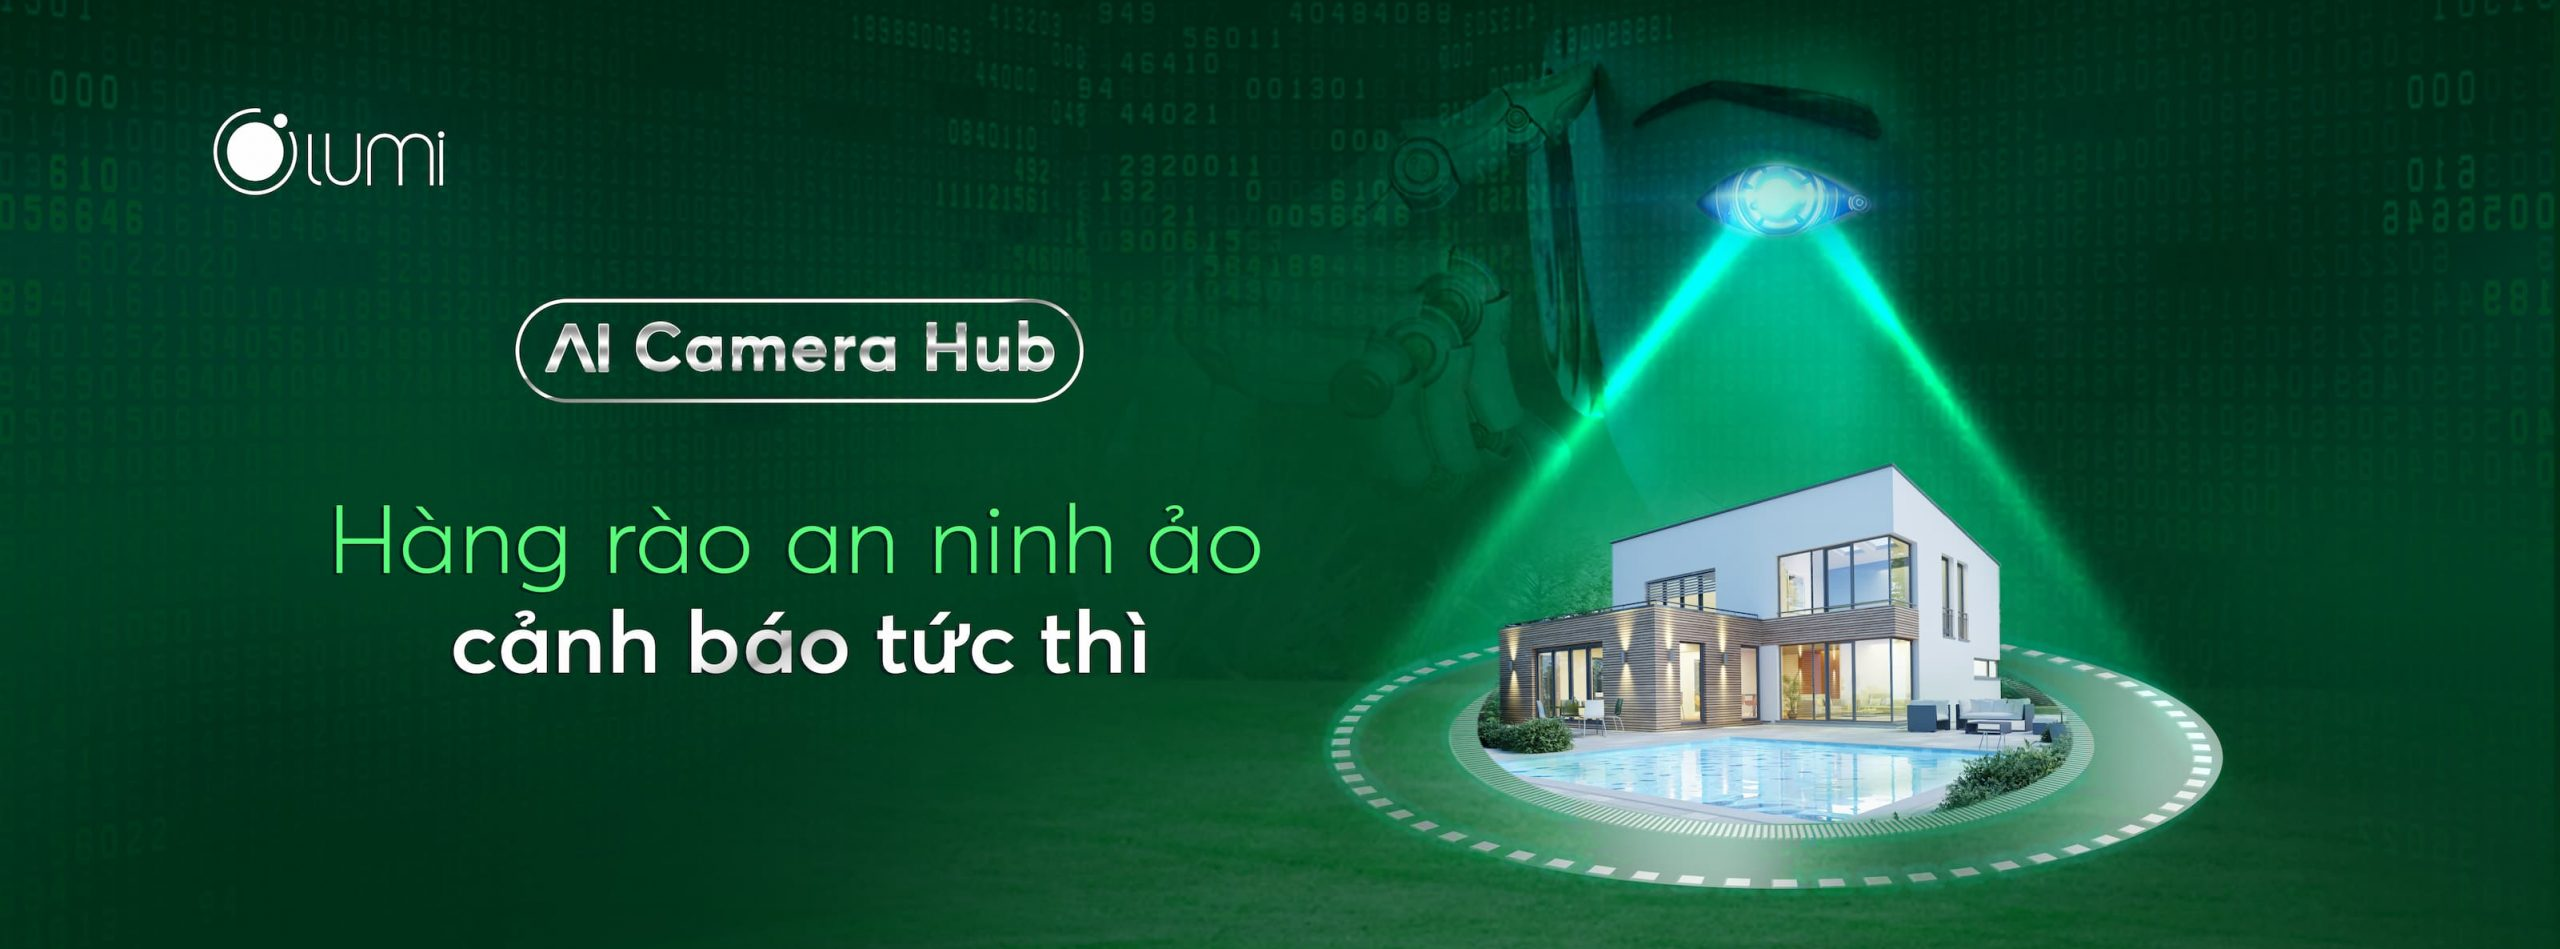 Ra mắt sản phẩm AI Camera Hub cover website